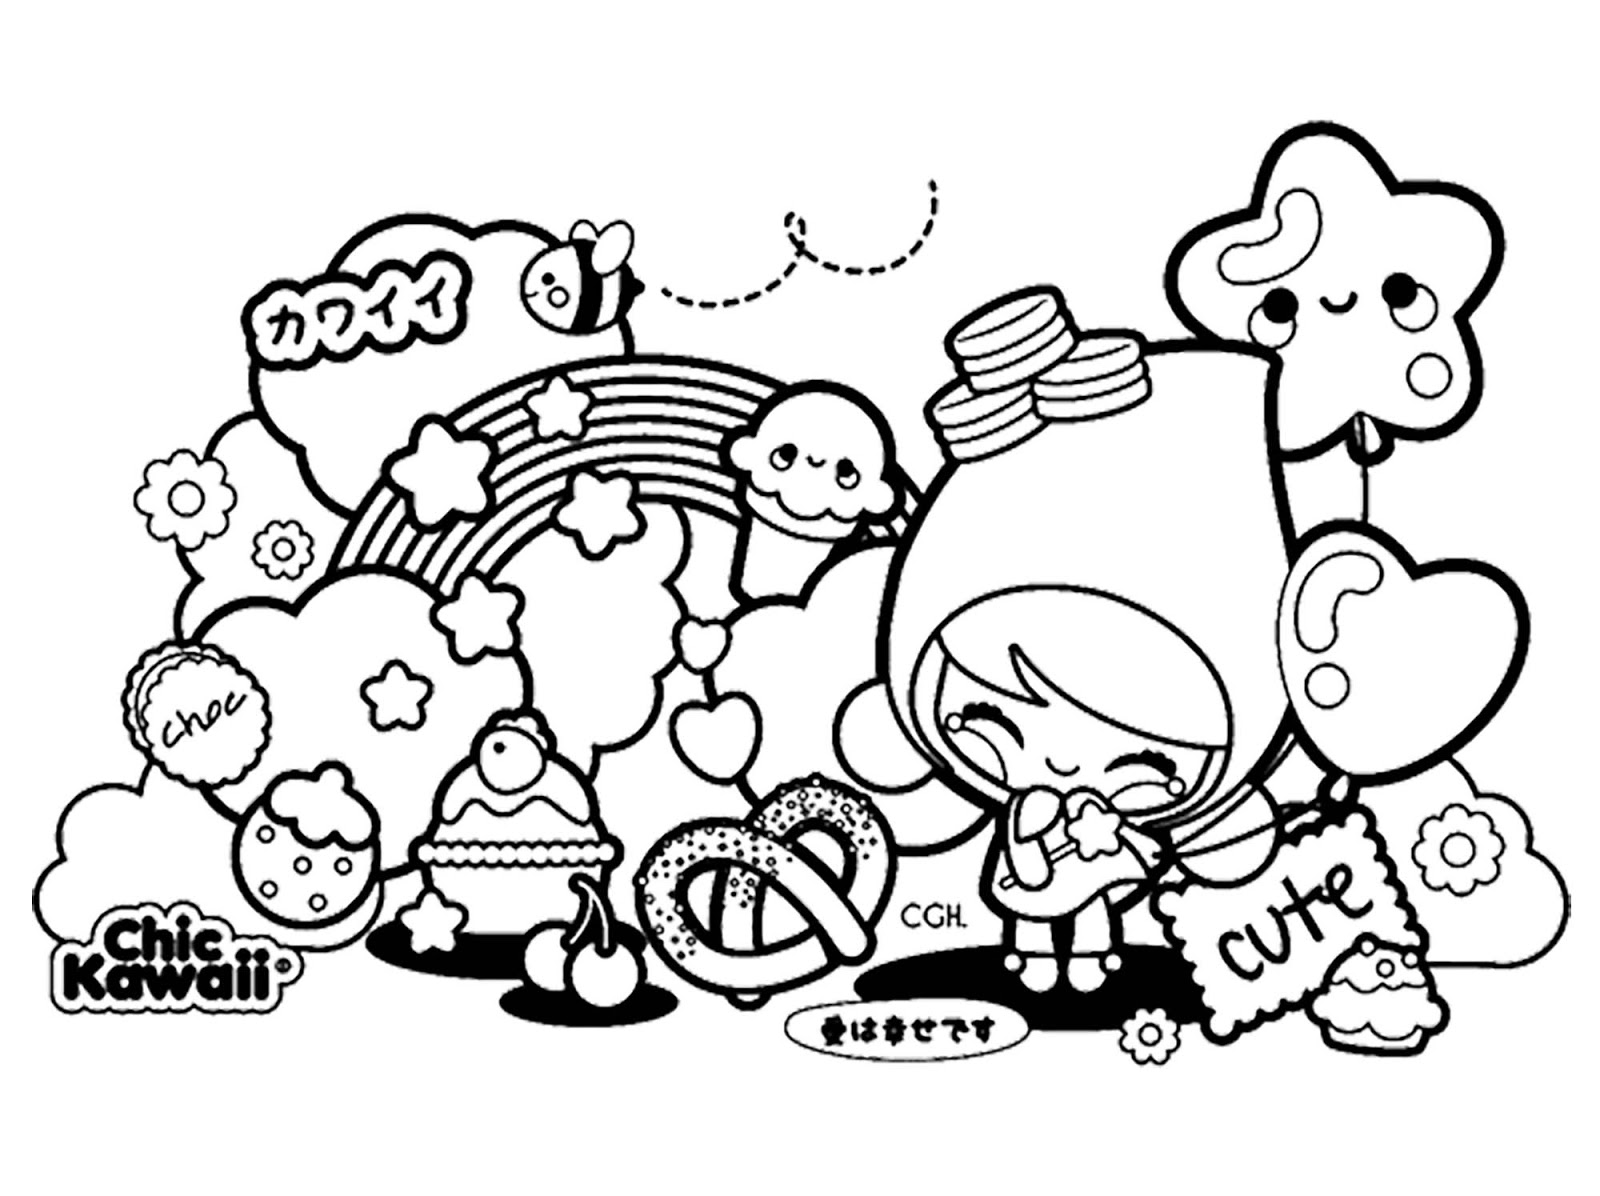 Dibujos Para Colorear Kawaii Disney Para Imprimir On Log Wall